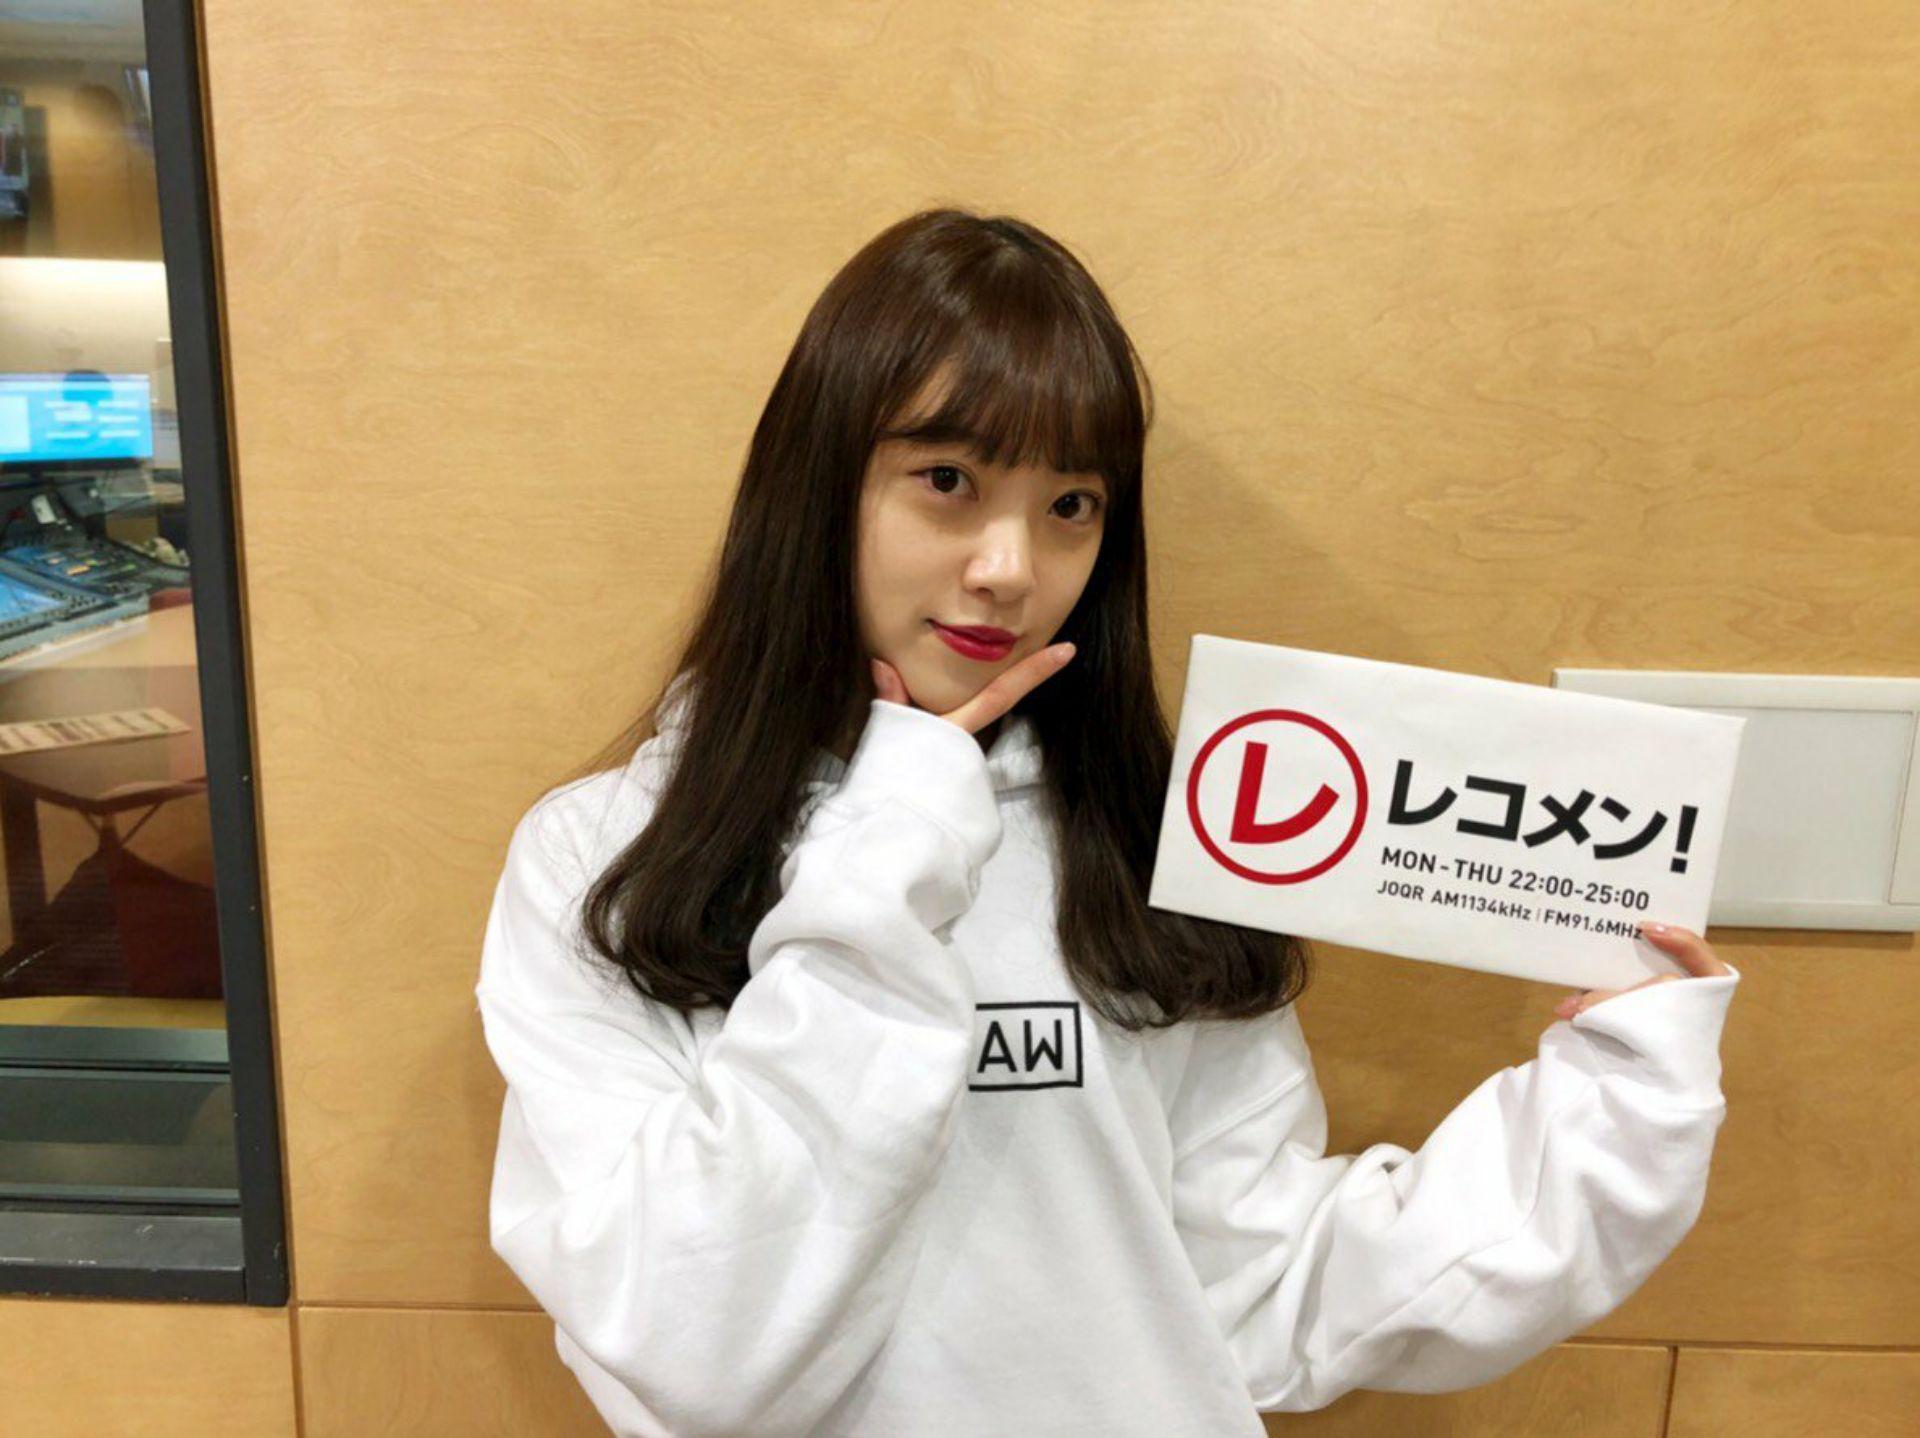 乃木坂46 動画 サイト